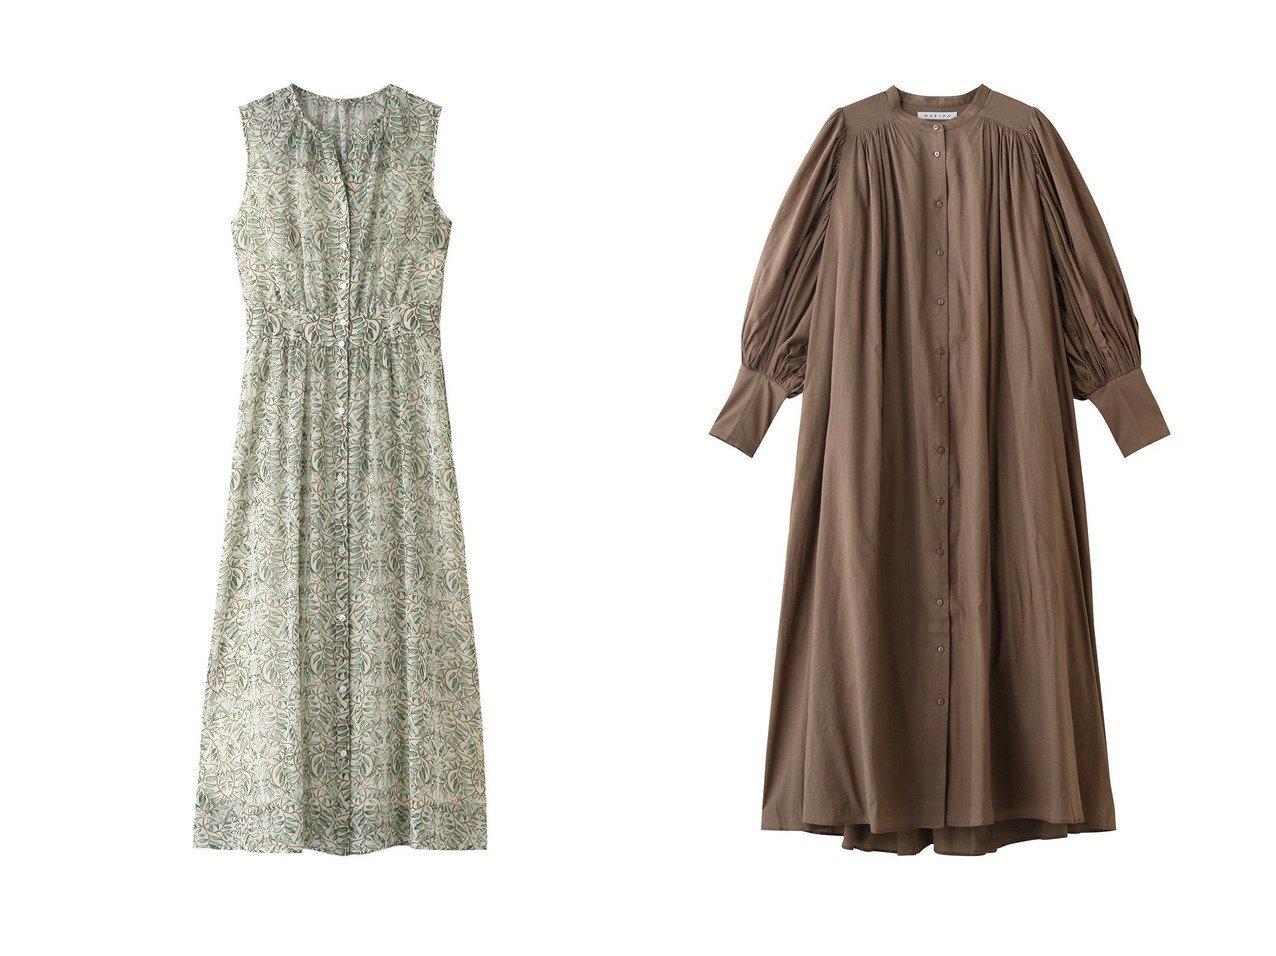 【ANAYI/アナイ】のシフォンリーフPTノースリーブワンピース&【MARIHA/マリハ】の鳥の歌のドレス(vs) 【ワンピース・ドレス】おすすめ!人気、トレンド・レディースファッションの通販 おすすめで人気の流行・トレンド、ファッションの通販商品 インテリア・家具・メンズファッション・キッズファッション・レディースファッション・服の通販 founy(ファニー) https://founy.com/ ファッション Fashion レディースファッション WOMEN ワンピース Dress ドレス Party Dresses 2021年 2021 2021-2022秋冬・A/W AW・Autumn/Winter・FW・Fall-Winter・2021-2022 A/W・秋冬 AW・Autumn/Winter・FW・Fall-Winter スリーブ ドレス フェミニン エアリー ギャザー シフォン ノースリーブ プリント リーフ  ID:crp329100000054603